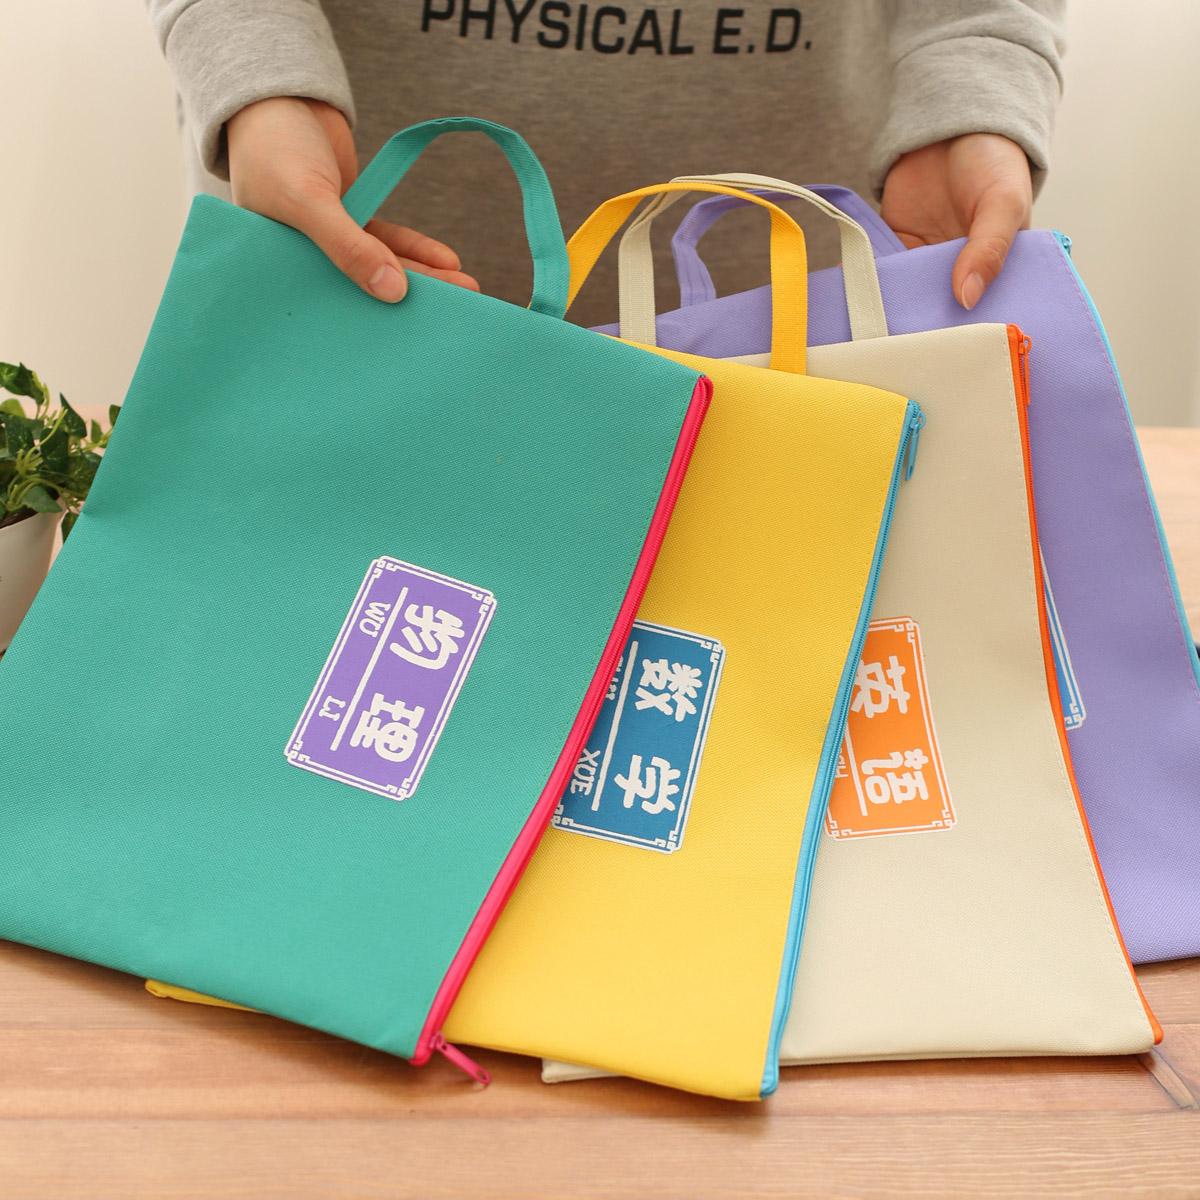 科目文件袋 学生a4分科手提帆布拉链整理资料袋试卷袋分类袋包邮